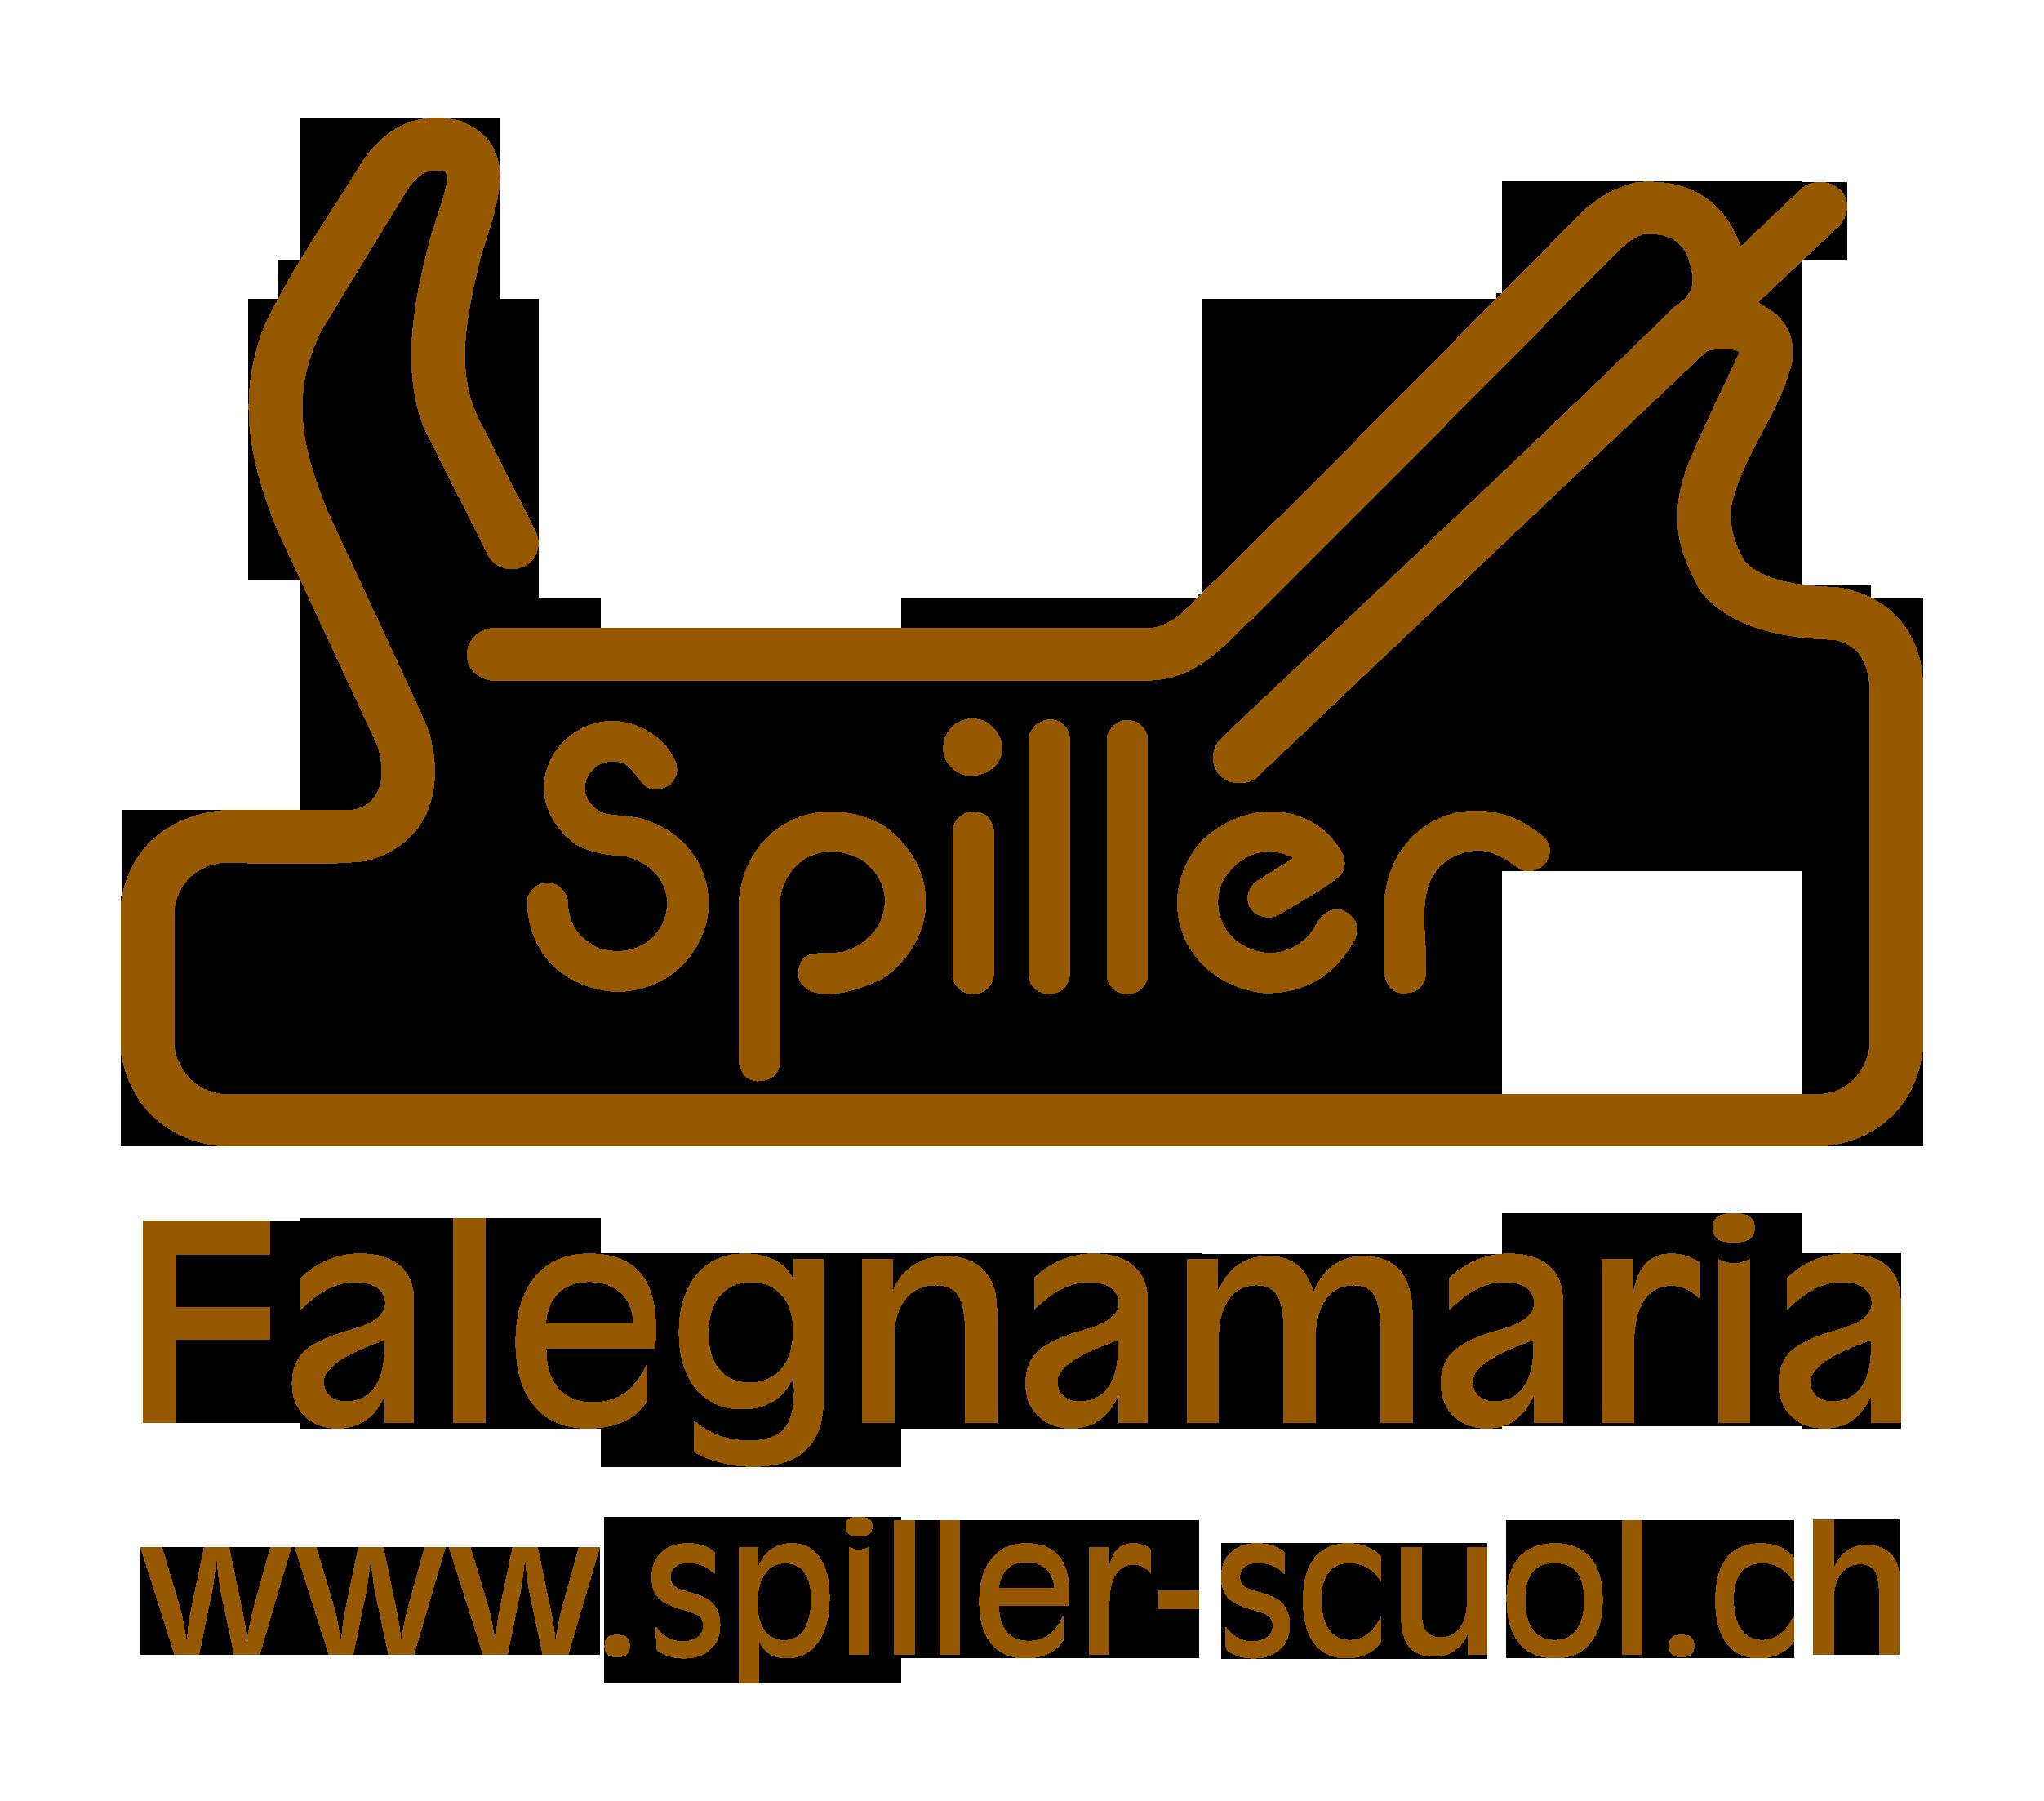 Spiller_Logo_www